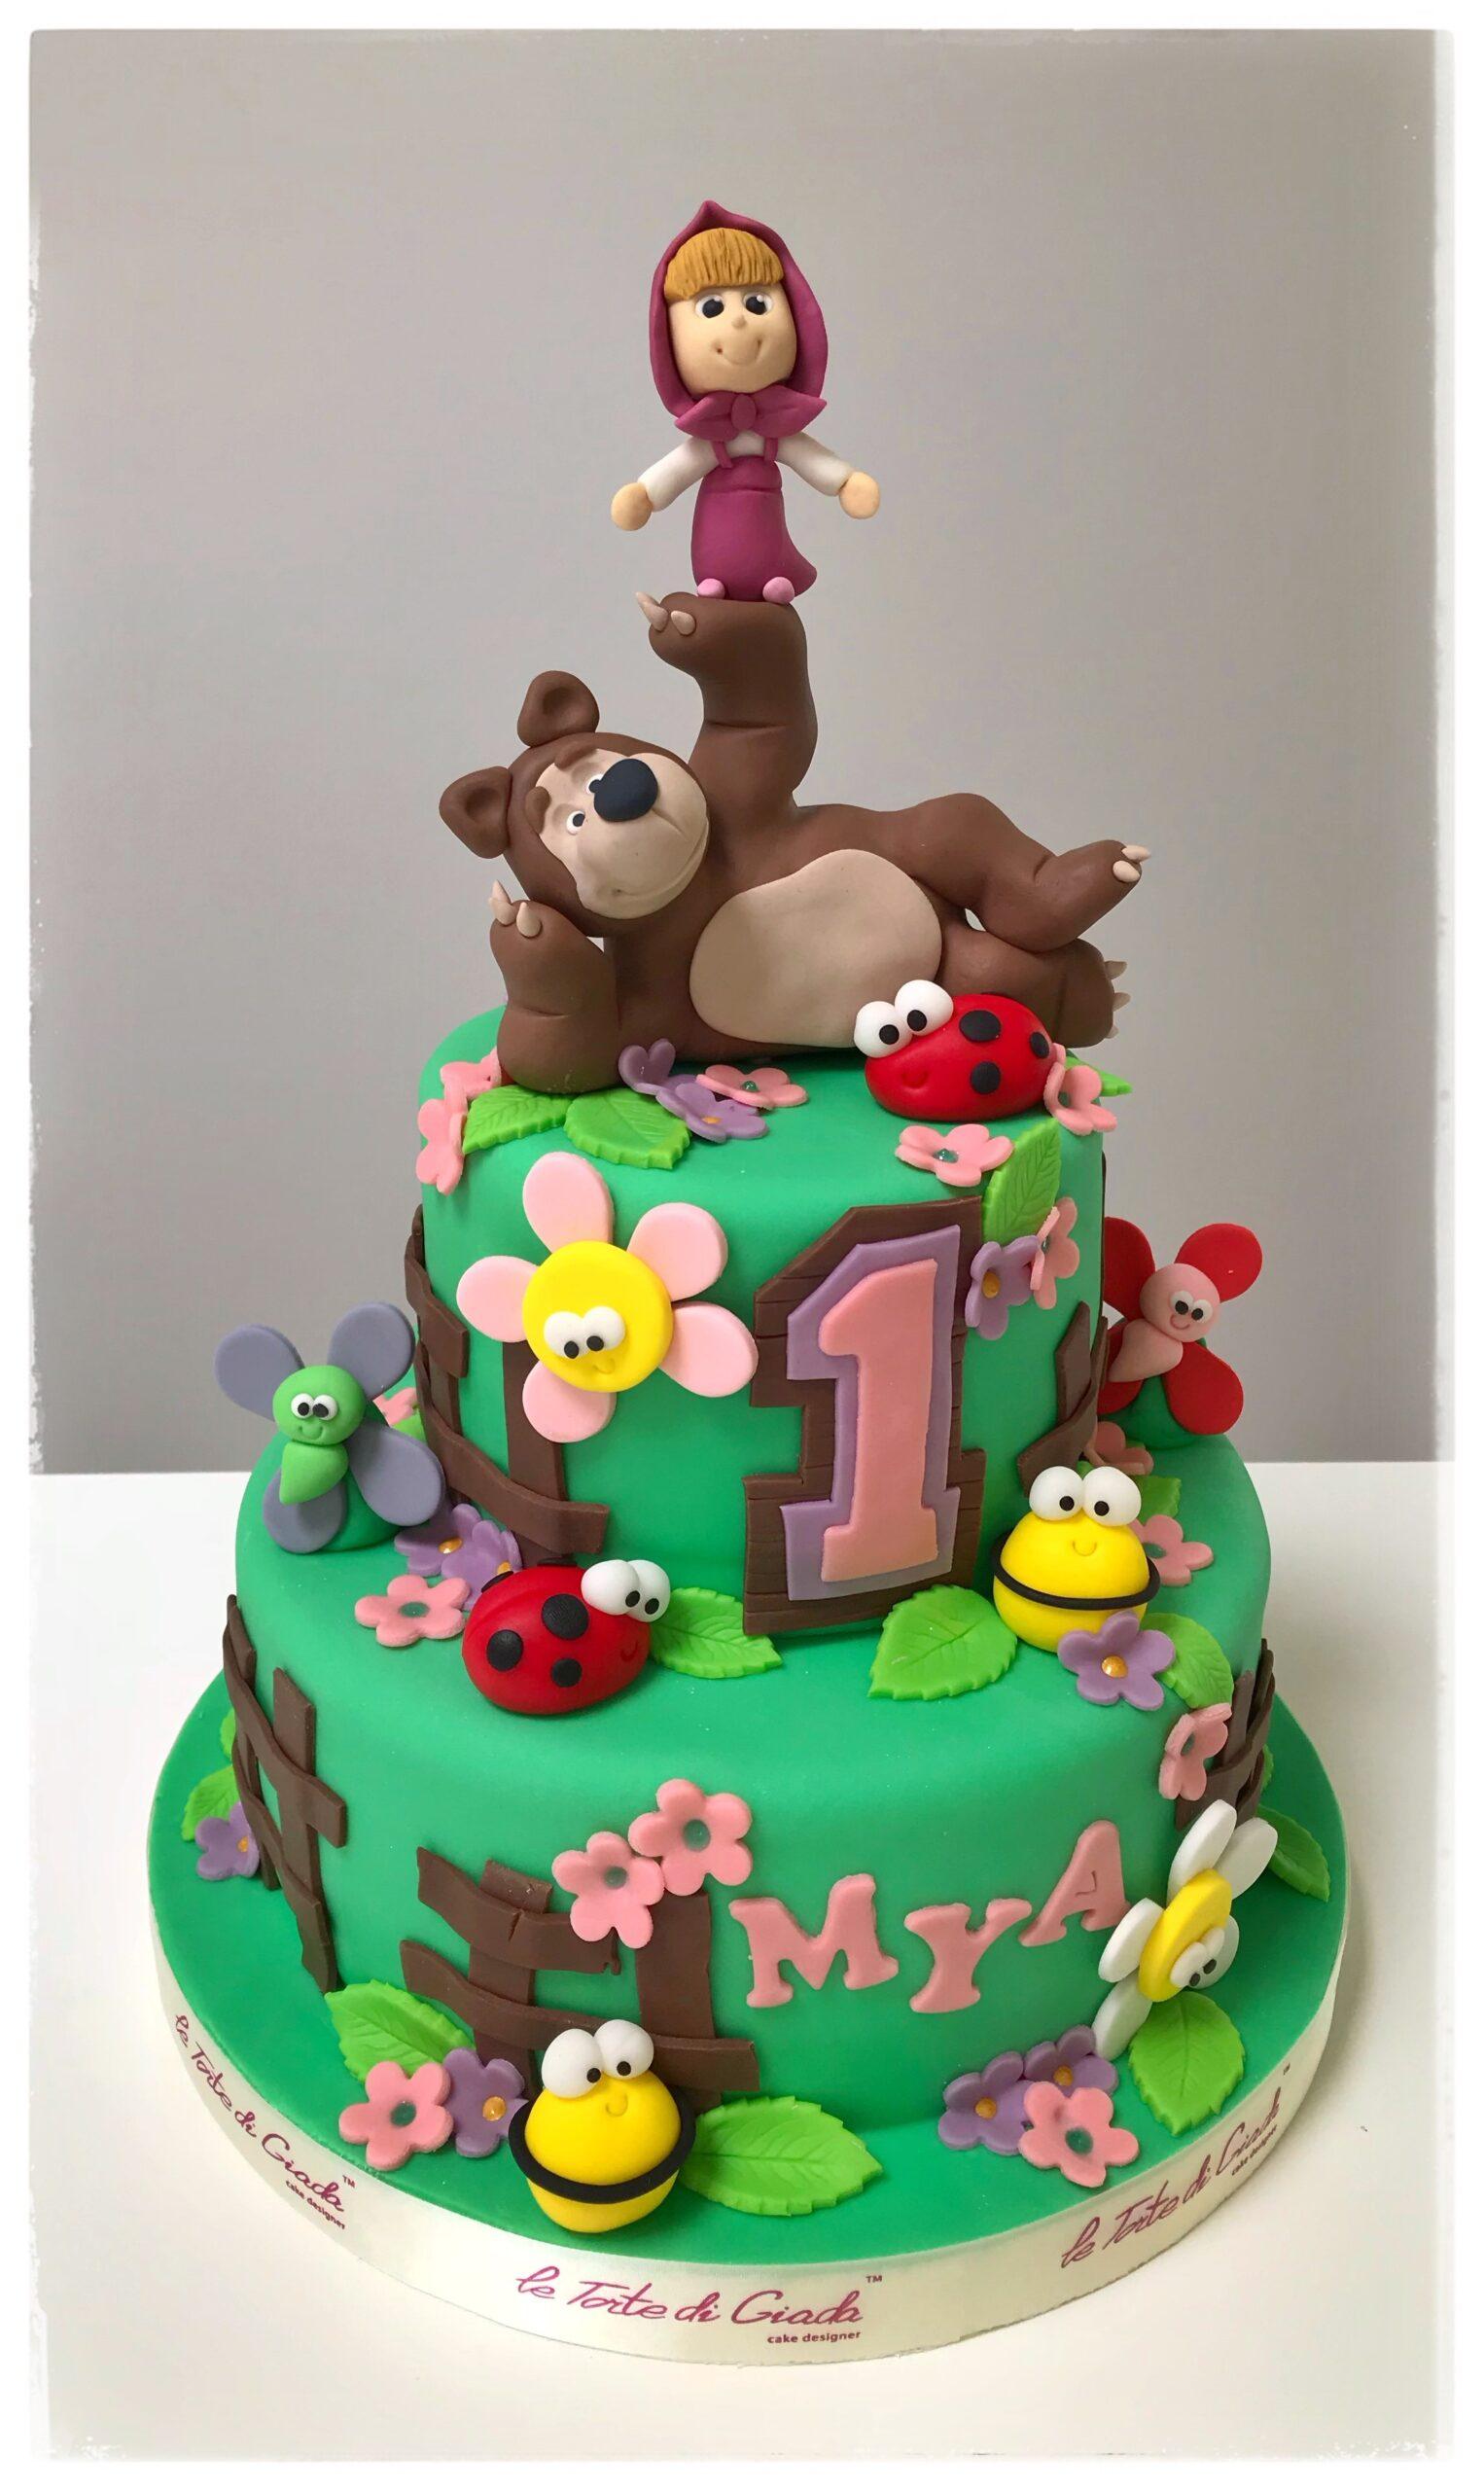 compleanno brescia torta cake design masha e orso